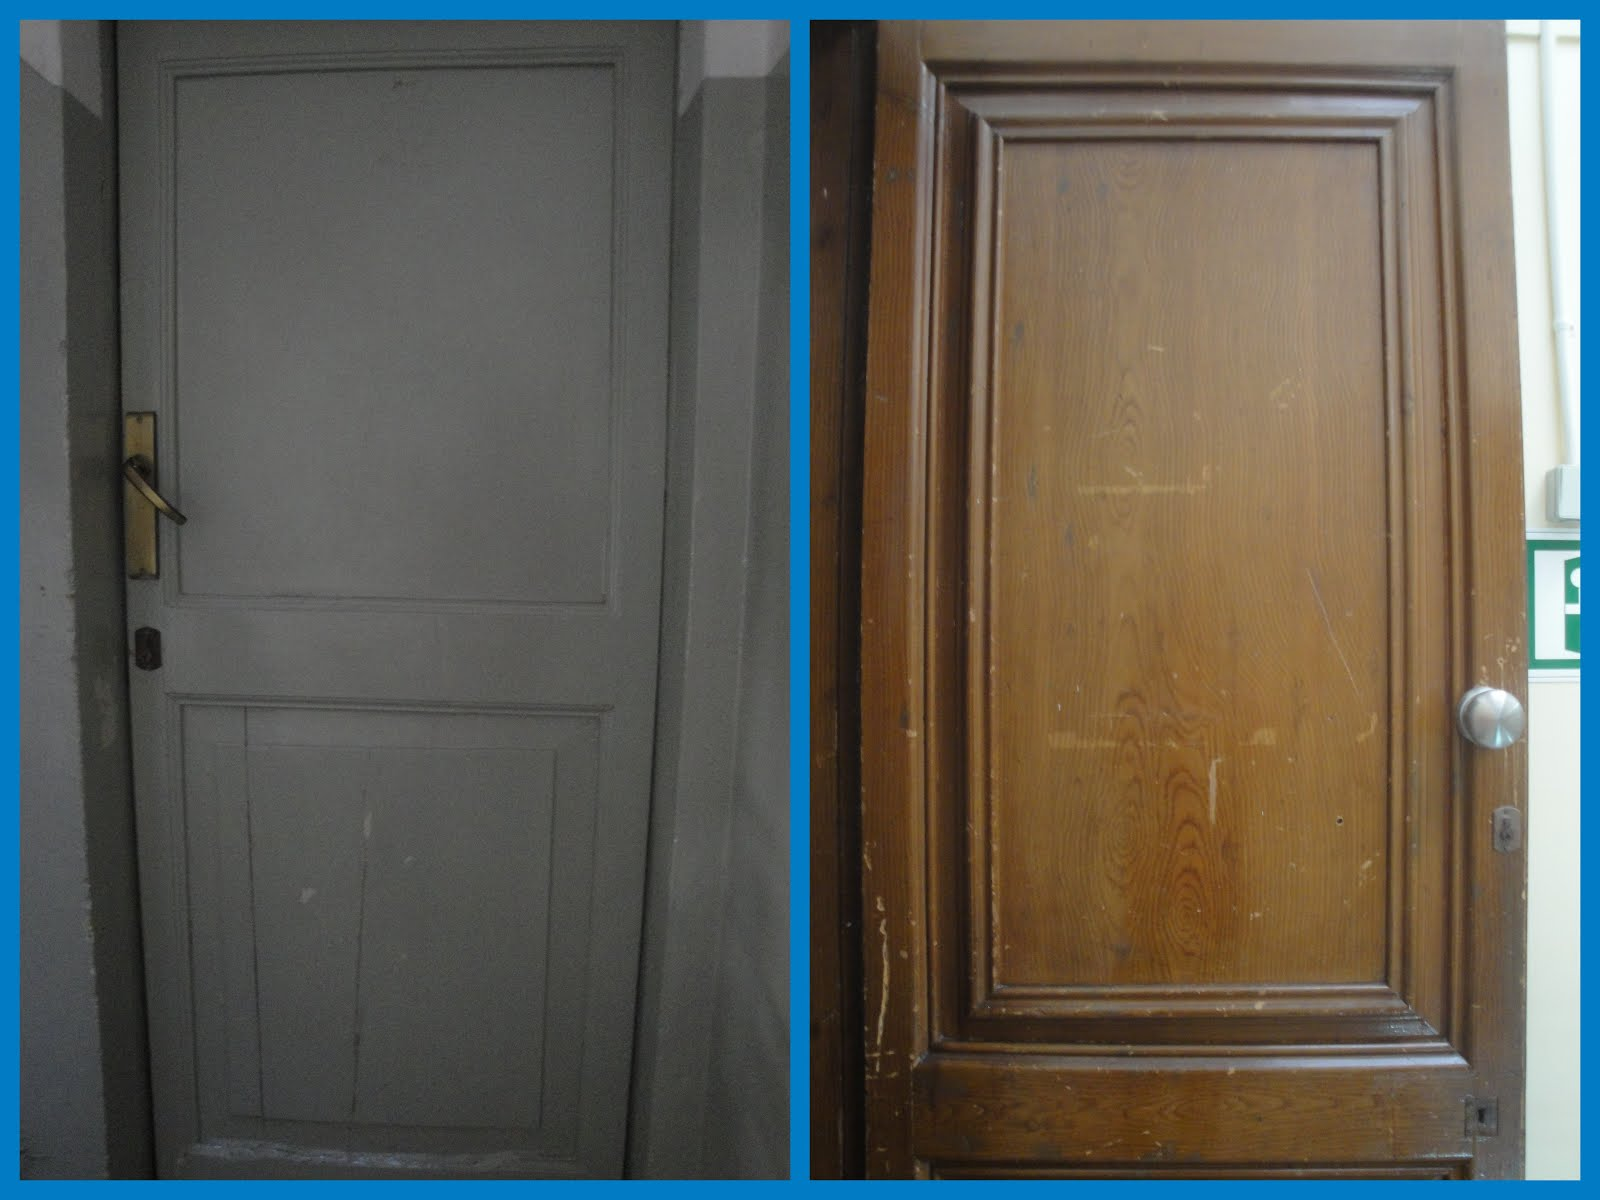 Puertas y ventanas cee guru barcelona proyecto clics - Pestillos para puertas ...